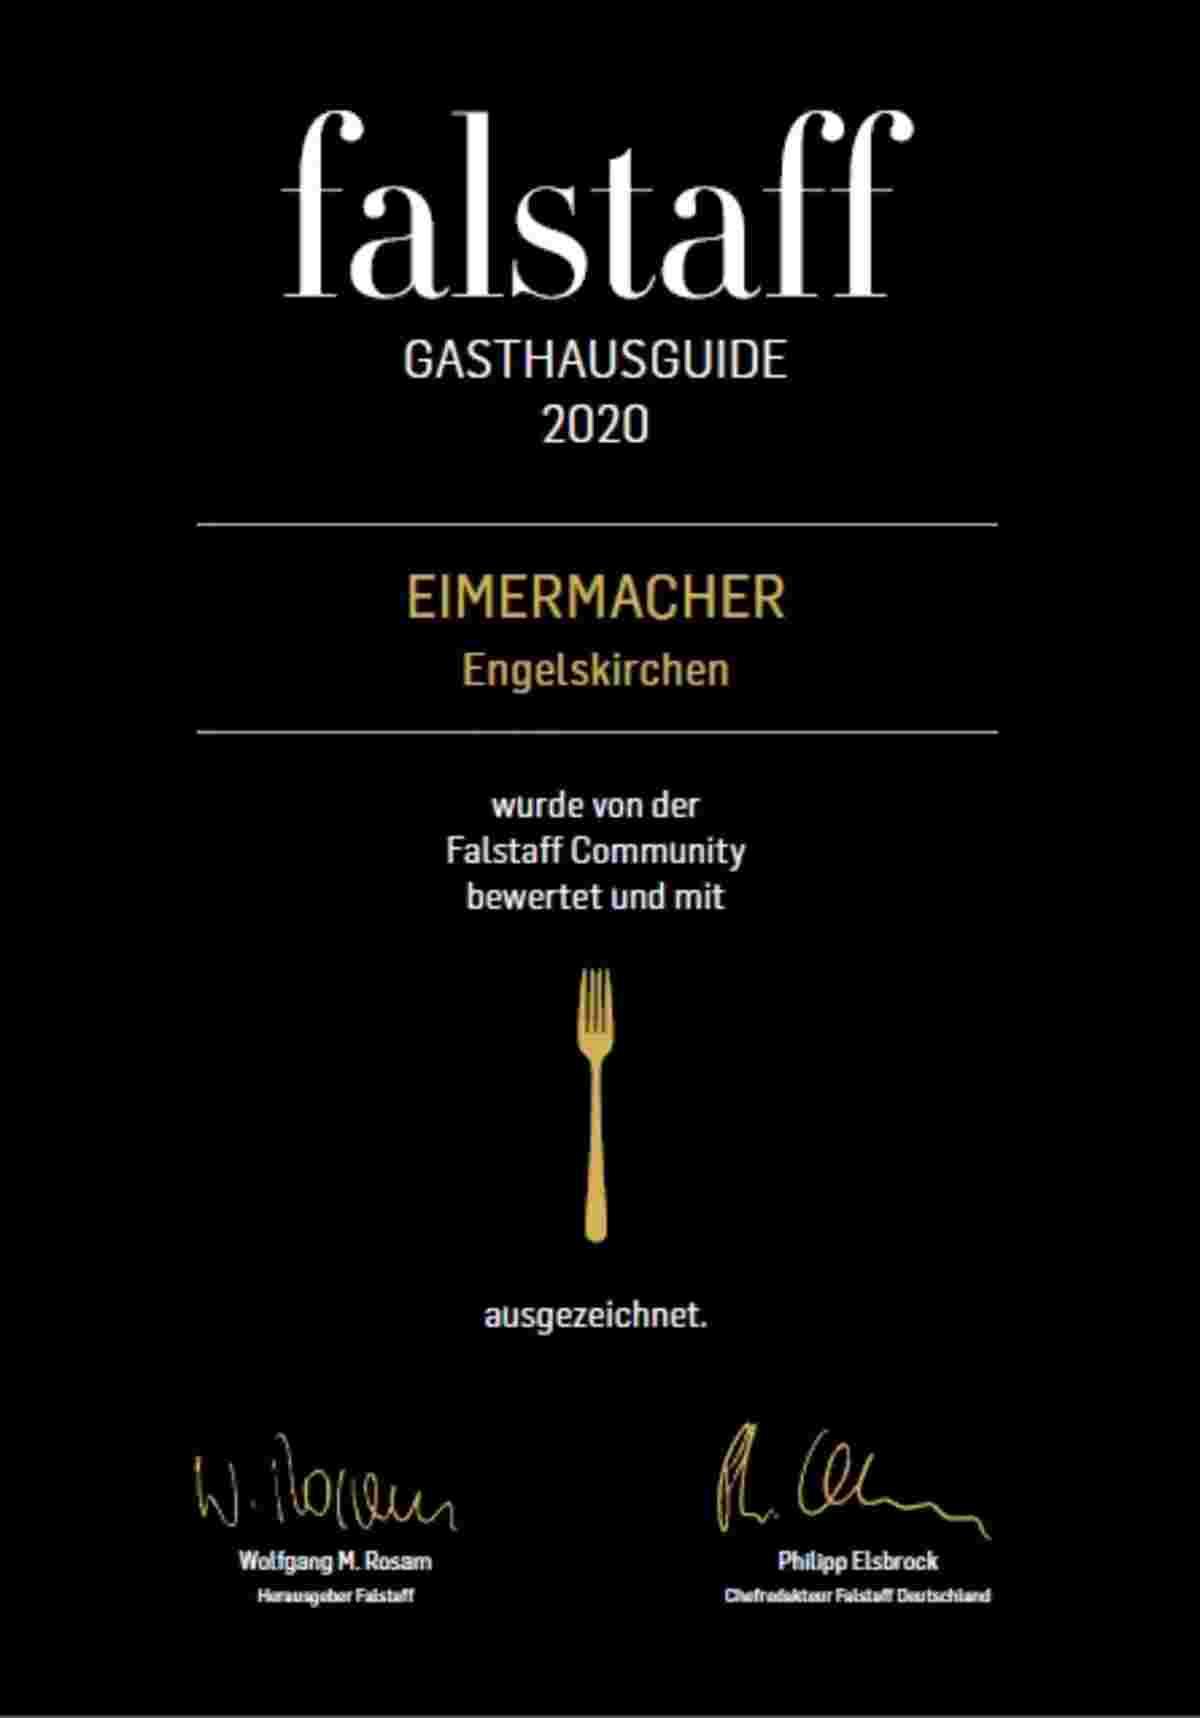 Falstaff, ausgezeichnet essen in Engelskirchen, gute Restaurantkritik, gute Restaurantbewertung,